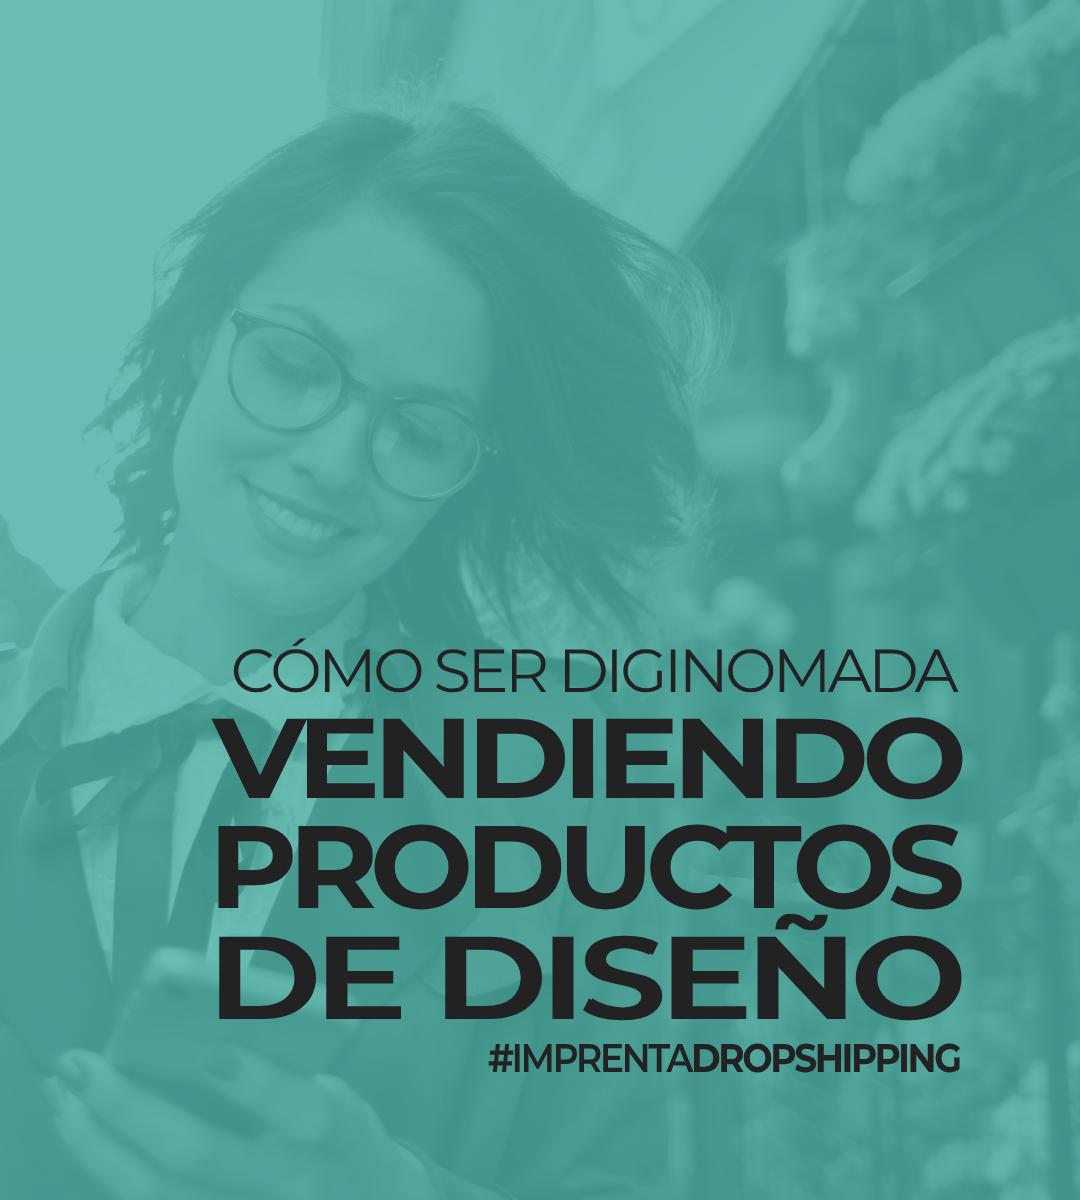 Cómo vender productos personalizados con imprentas dropshipping